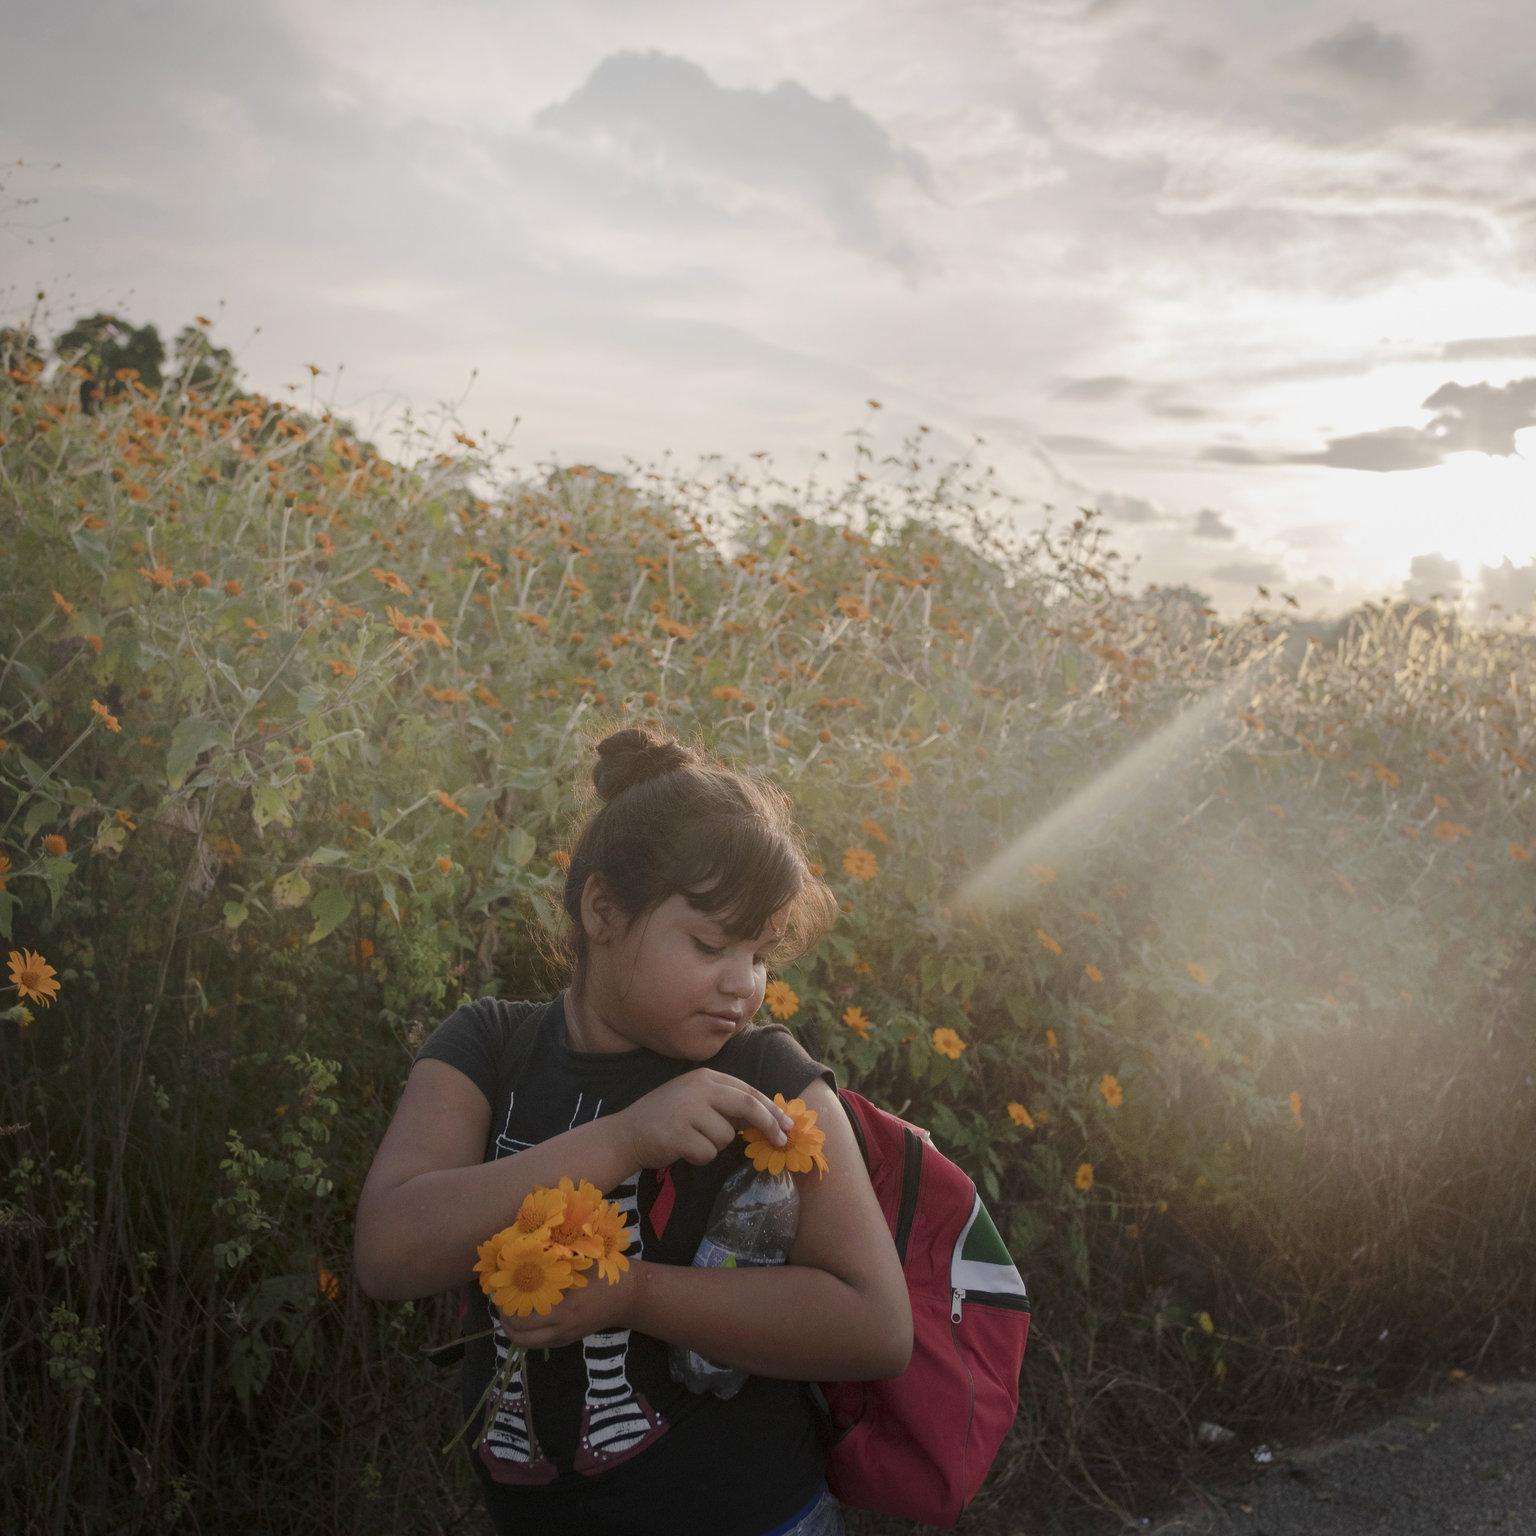 Tapanatepec, 2019. április 12. A World Press Photo Alapítvány által közreadott, 2018. októberben készített képen az Egyesült Államokba igyekvő közép-amerikai illegális bevándorlók közé tartozó lány virágot szed a mexikói Tapanatepec és Niltepec közötti 50 kilométeres gyaloglás közben. A fénykép a svéd-holland Pieter Ten Hoopen A migránskaraván című munkájának része, amellyel elnyerte a 2018-as Év Fotóriportja díjat a World Press Photo nemzetközi sajtófotóversenyen 2019. április 11-én. MTI/EPA/Pieter Ten Hoopen